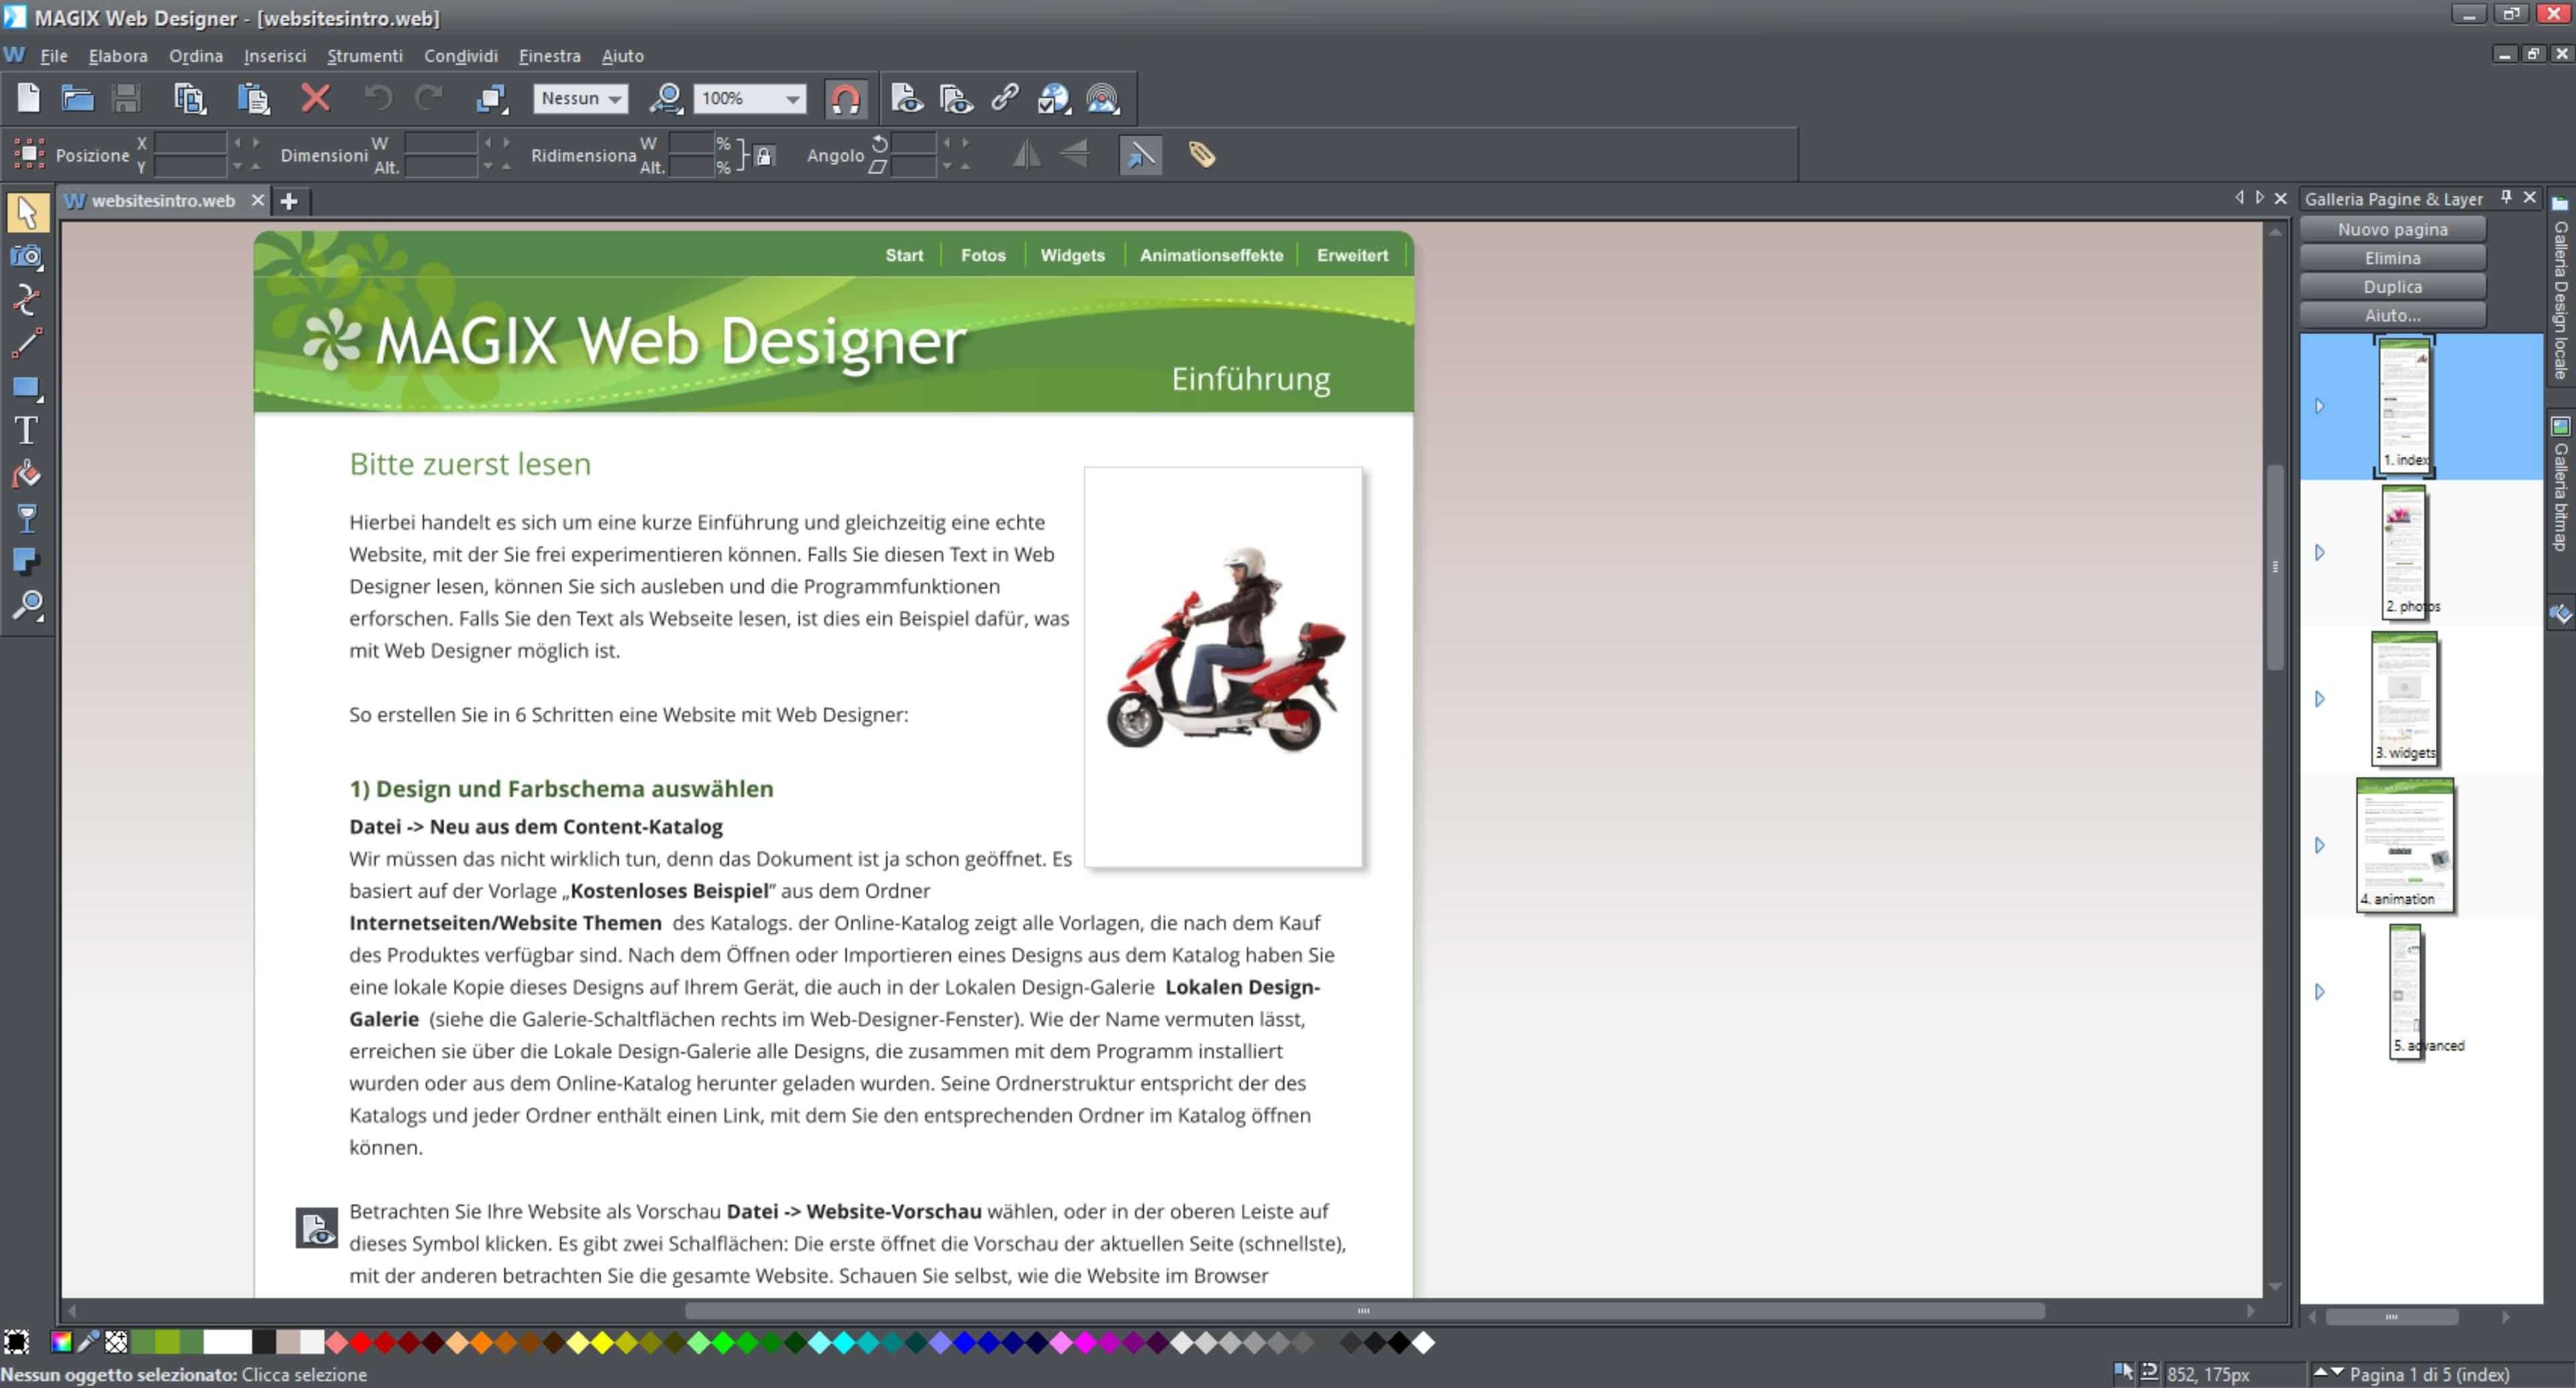 MAGIX Web Designer per realizzare siti